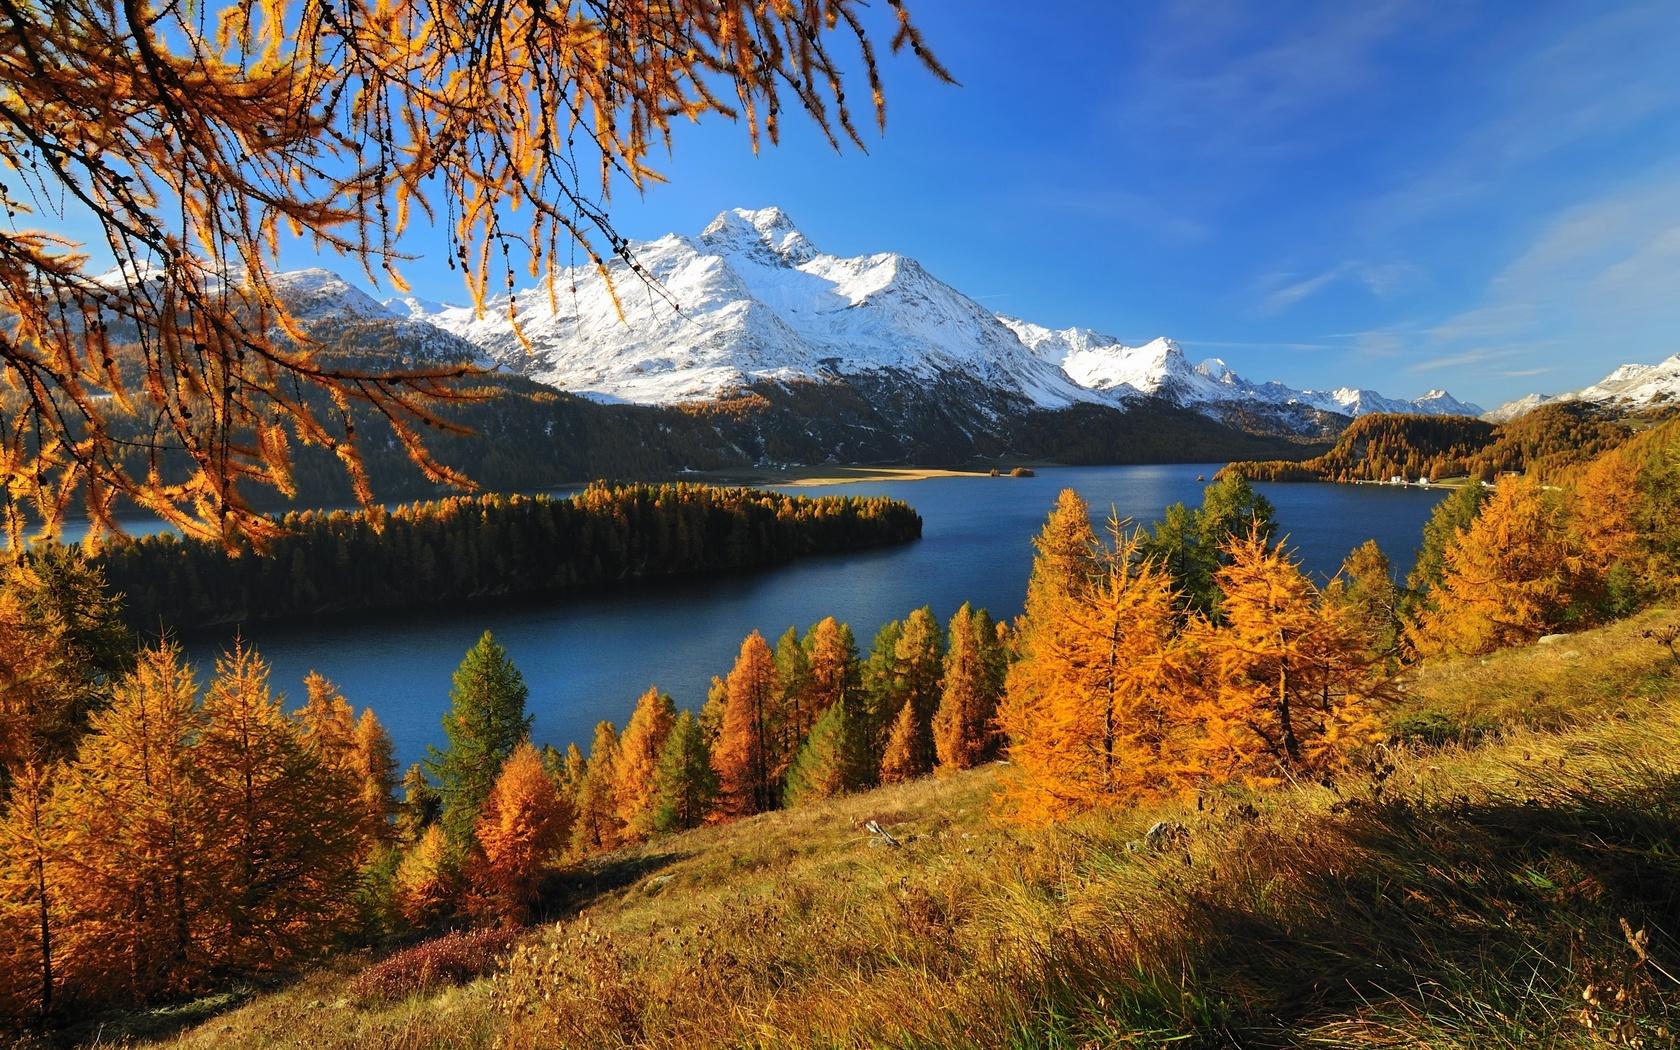 горы, швейцария, альпы, река, красиво, природа, осень, рыбалка